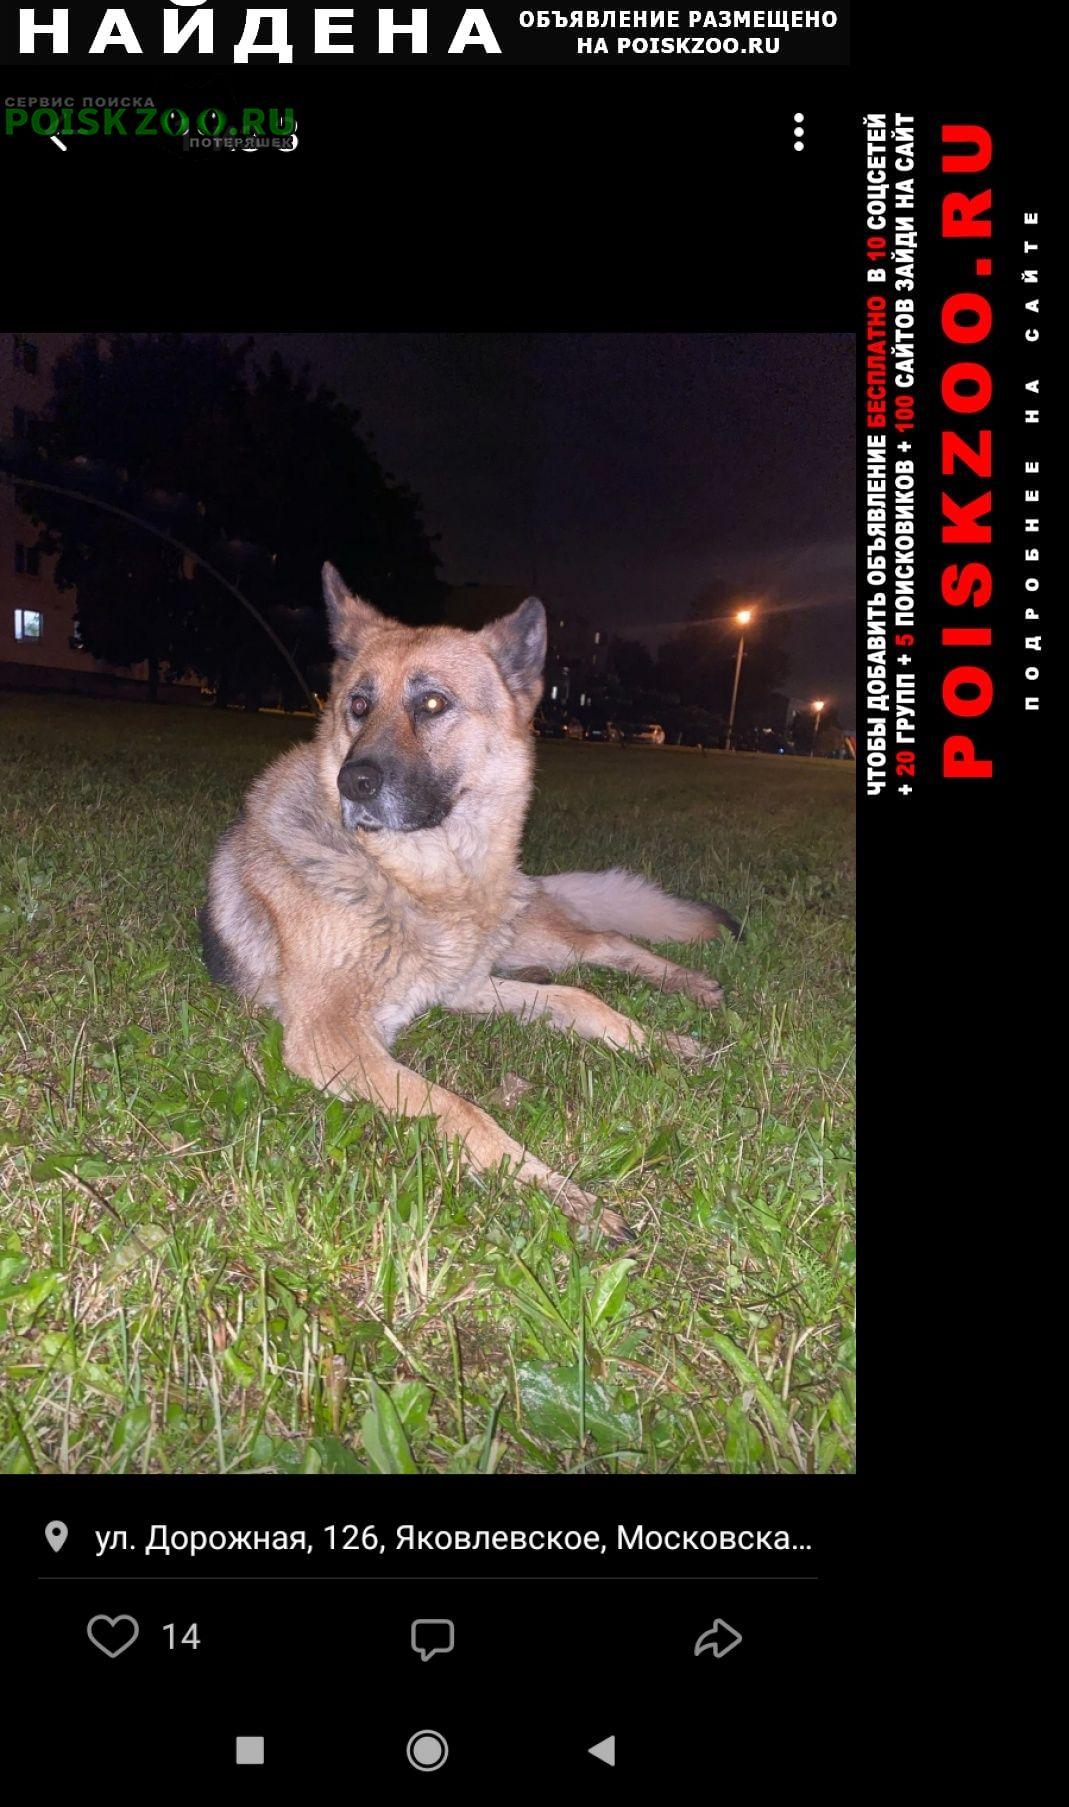 Найдена собака в новой москве.пос.ново-федоровское Москва